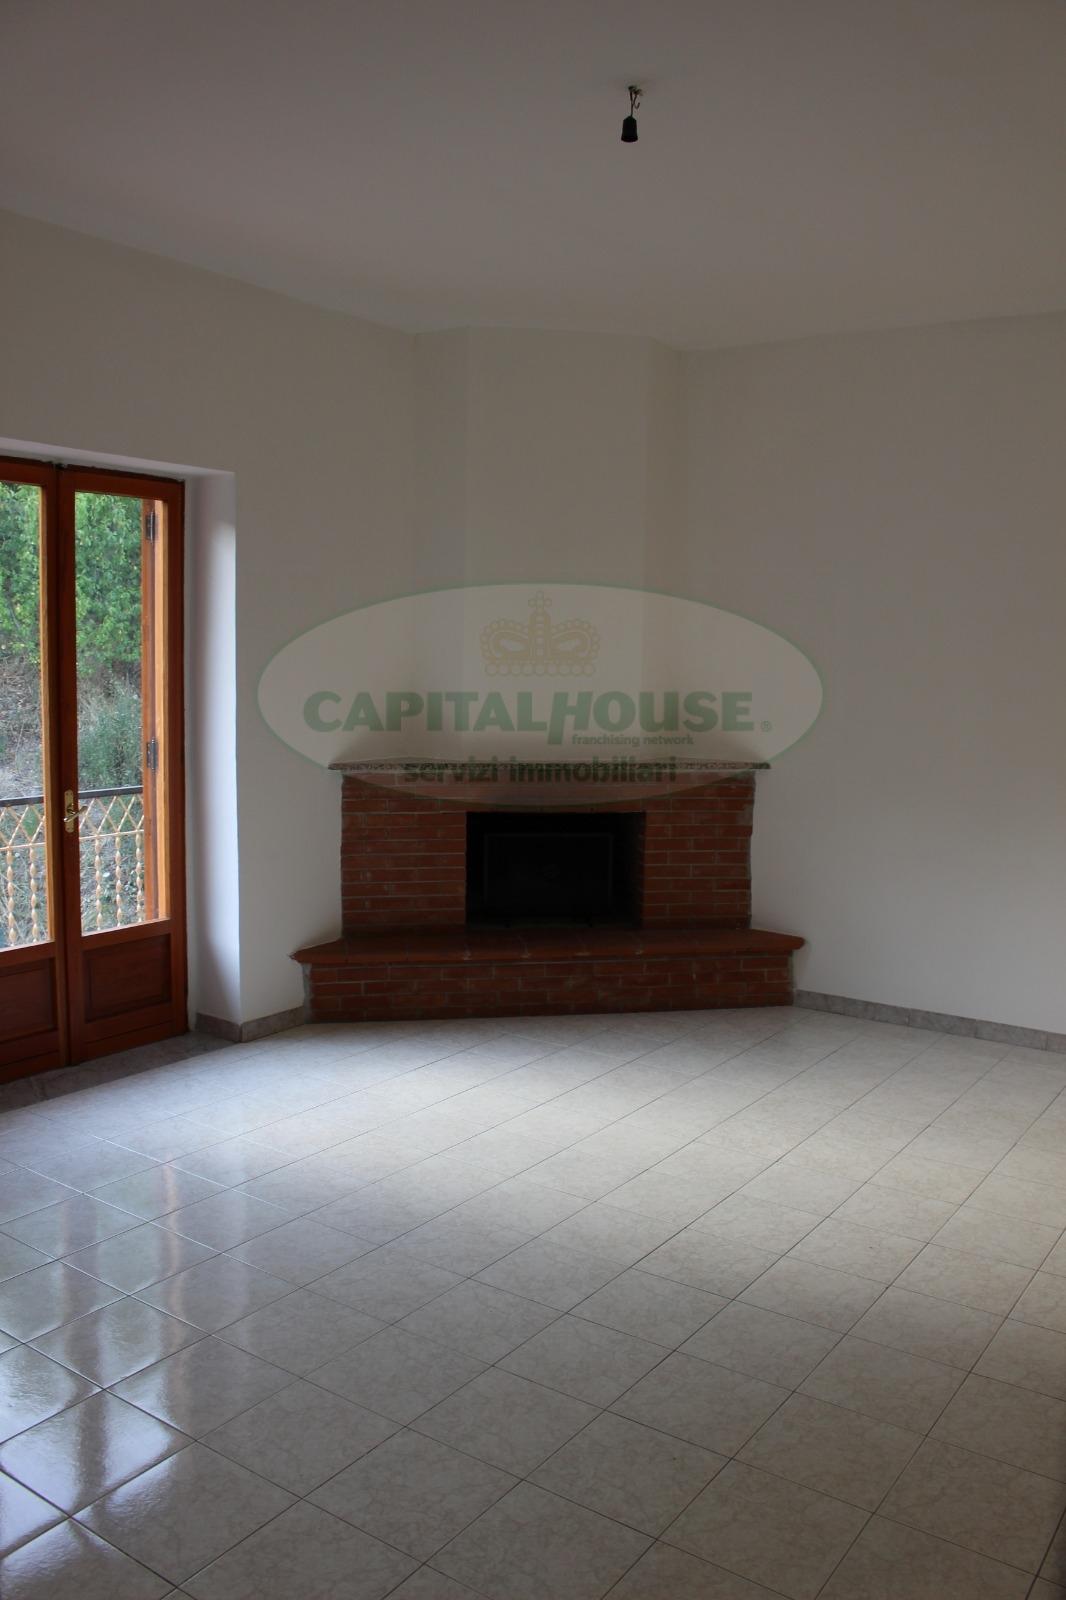 Appartamento in affitto a Capriglia Irpina, 3 locali, prezzo € 300 | CambioCasa.it